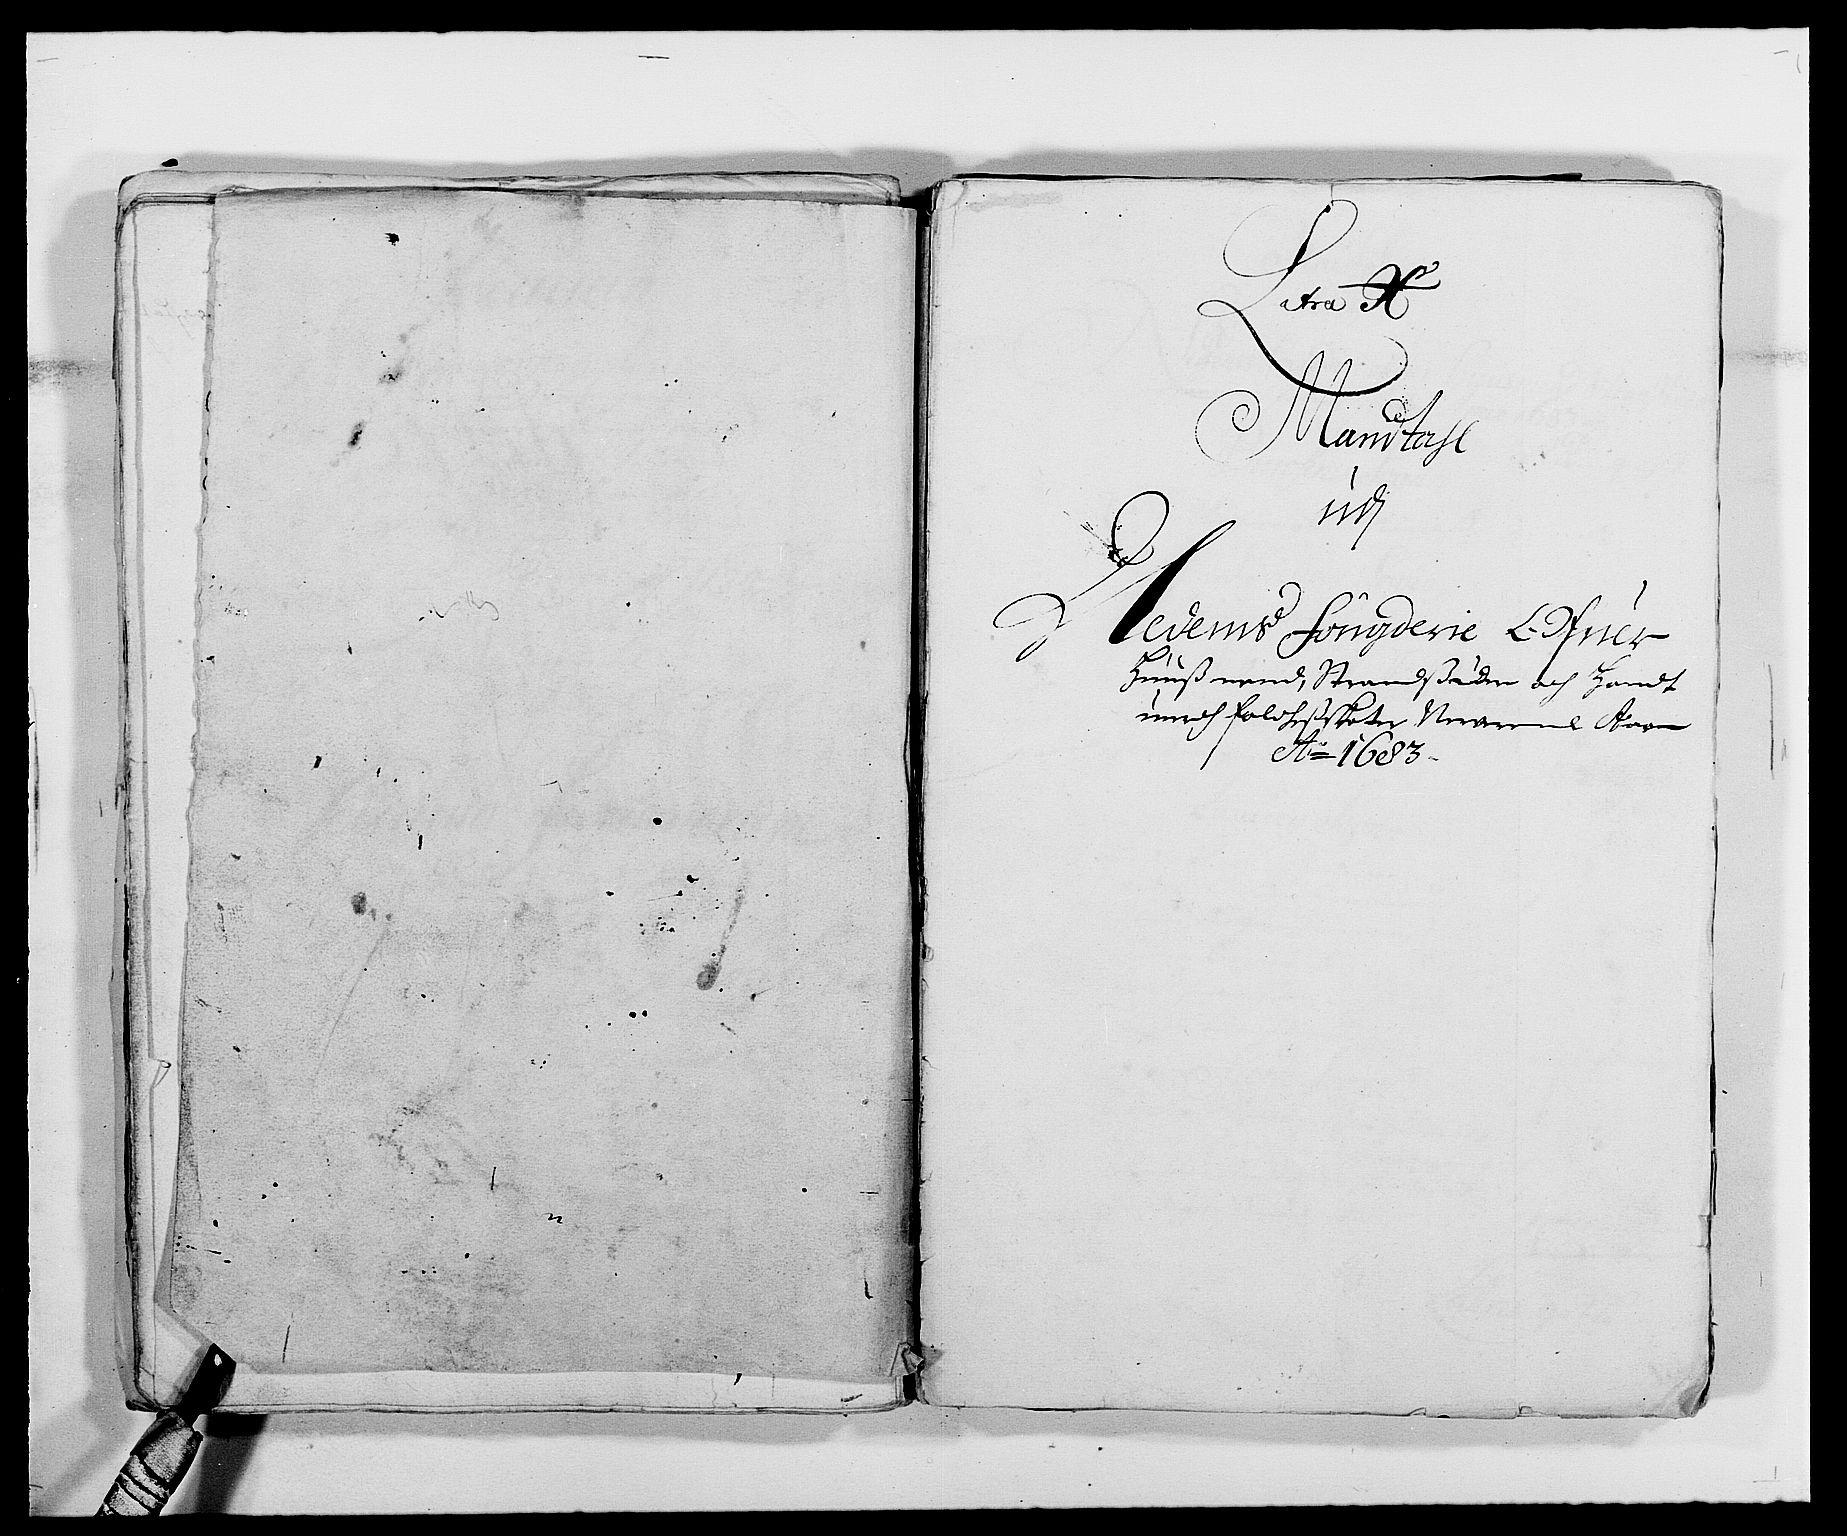 RA, Rentekammeret inntil 1814, Reviderte regnskaper, Fogderegnskap, R39/L2305: Fogderegnskap Nedenes, 1683, s. 123